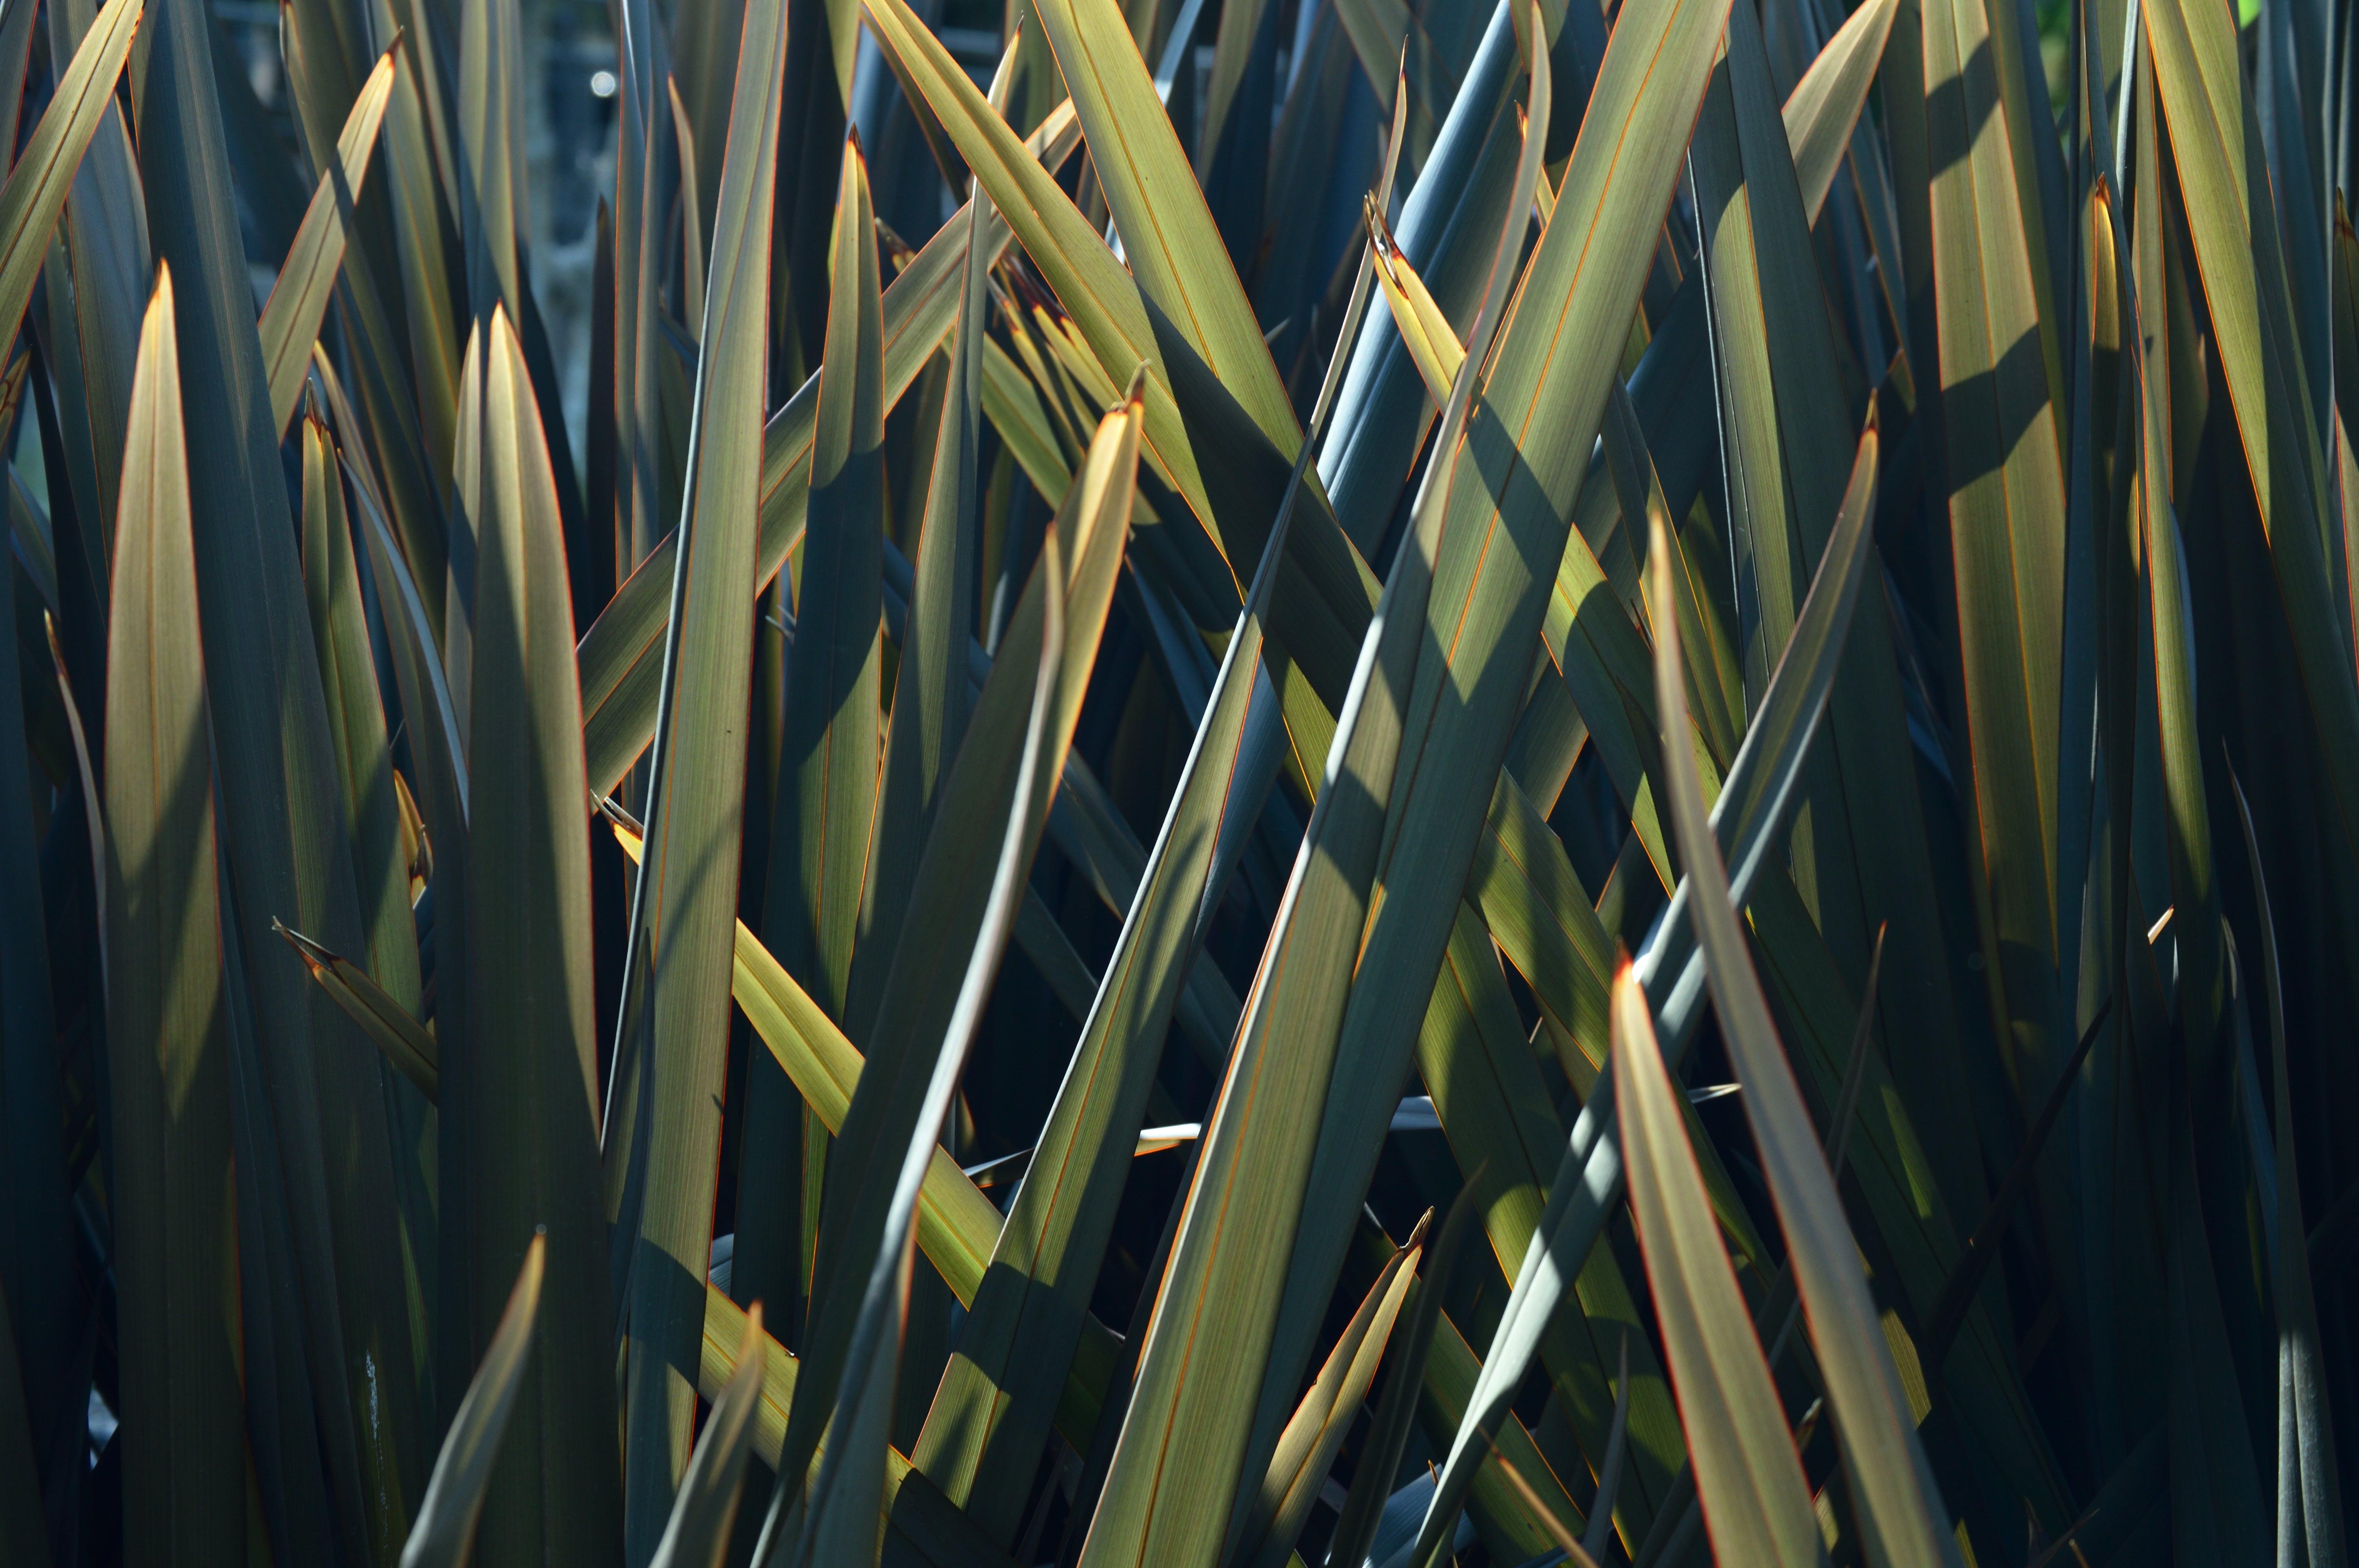 Kostenloses Stock Foto zu abstrakt, bambus, blatt, blätter